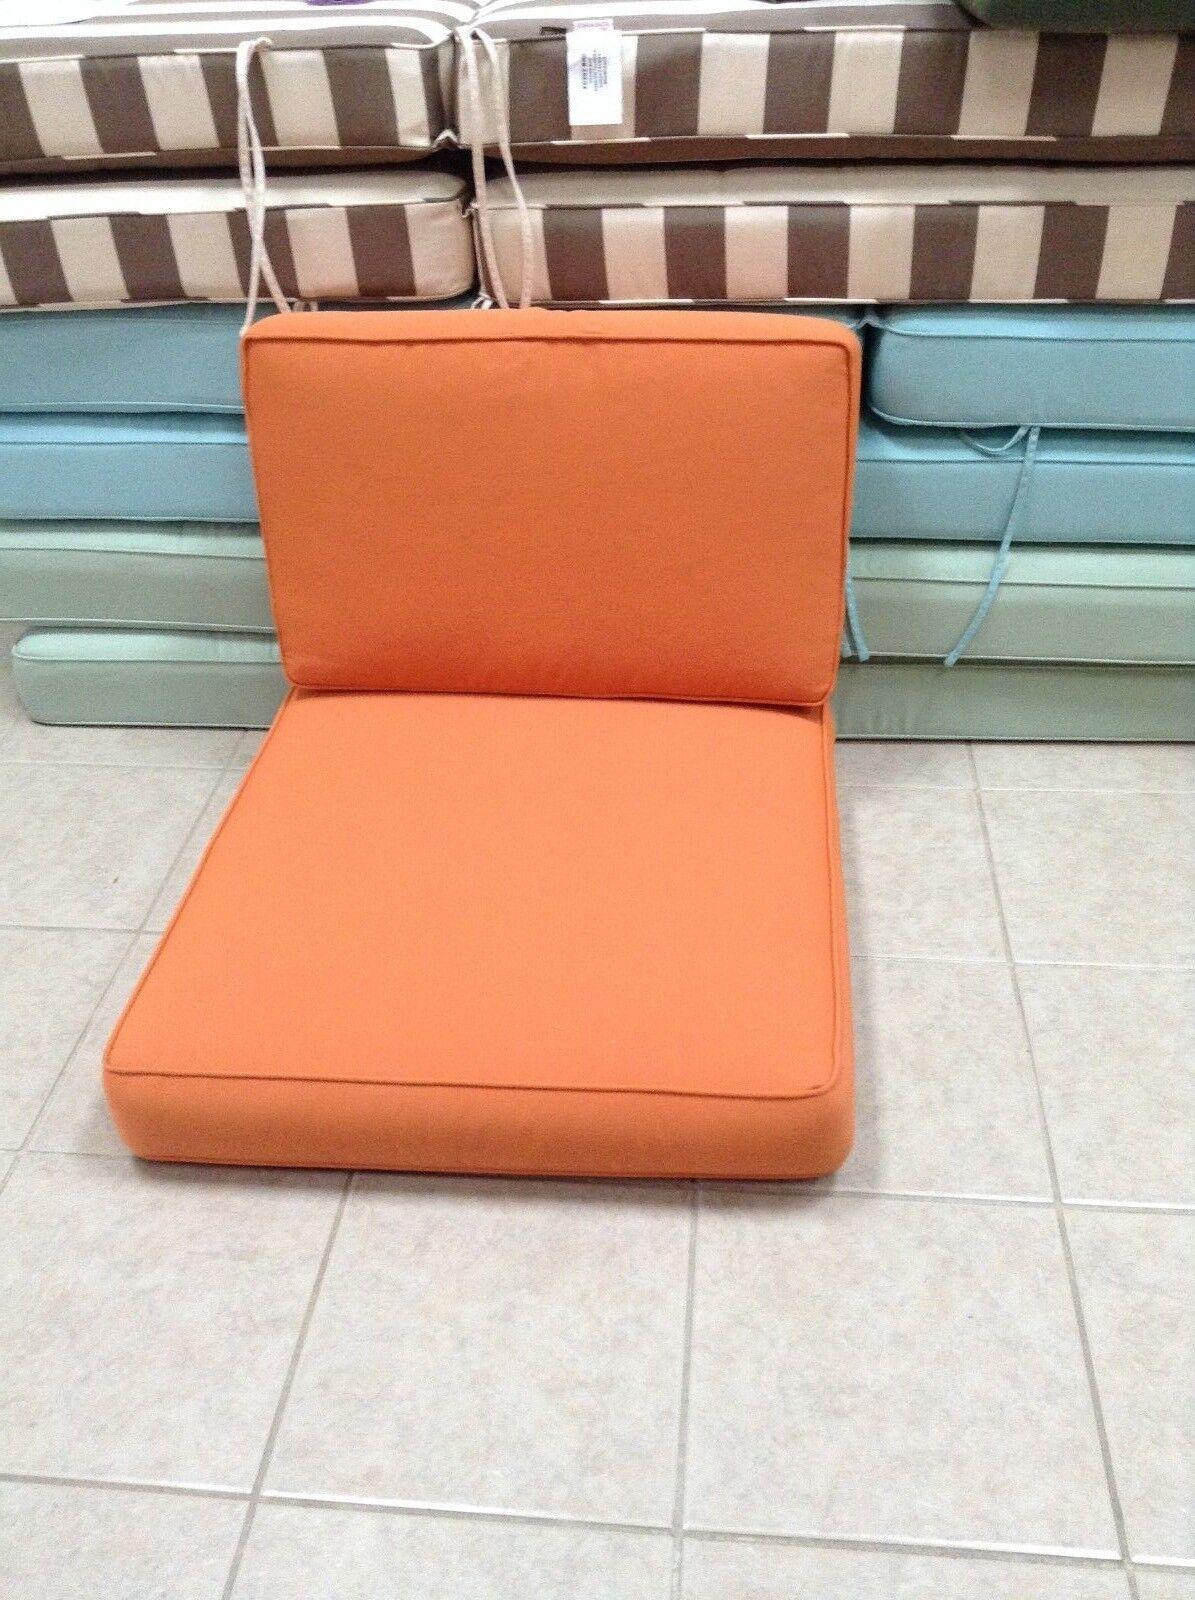 Pottery barn seccional Univs silla sin brazo Sunbrella Cojín Toscano Naranja 27x30